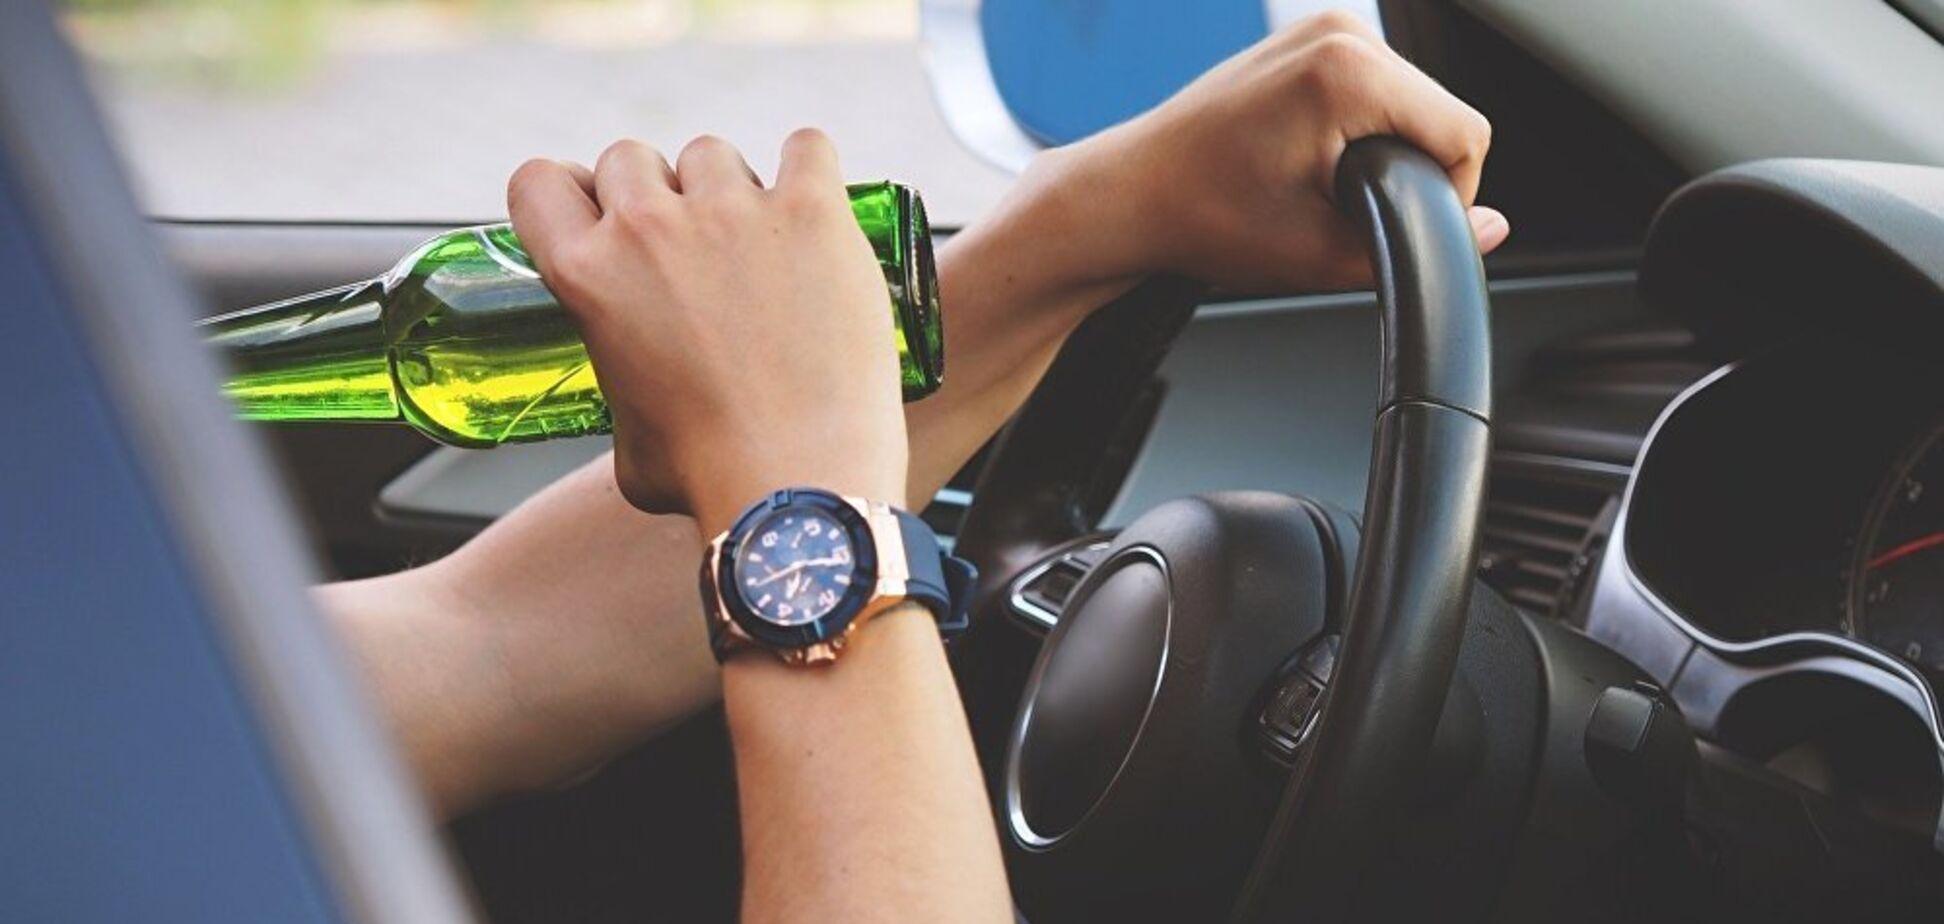 В Украине ужесточат наказание для пьяных водителей: чего ждать